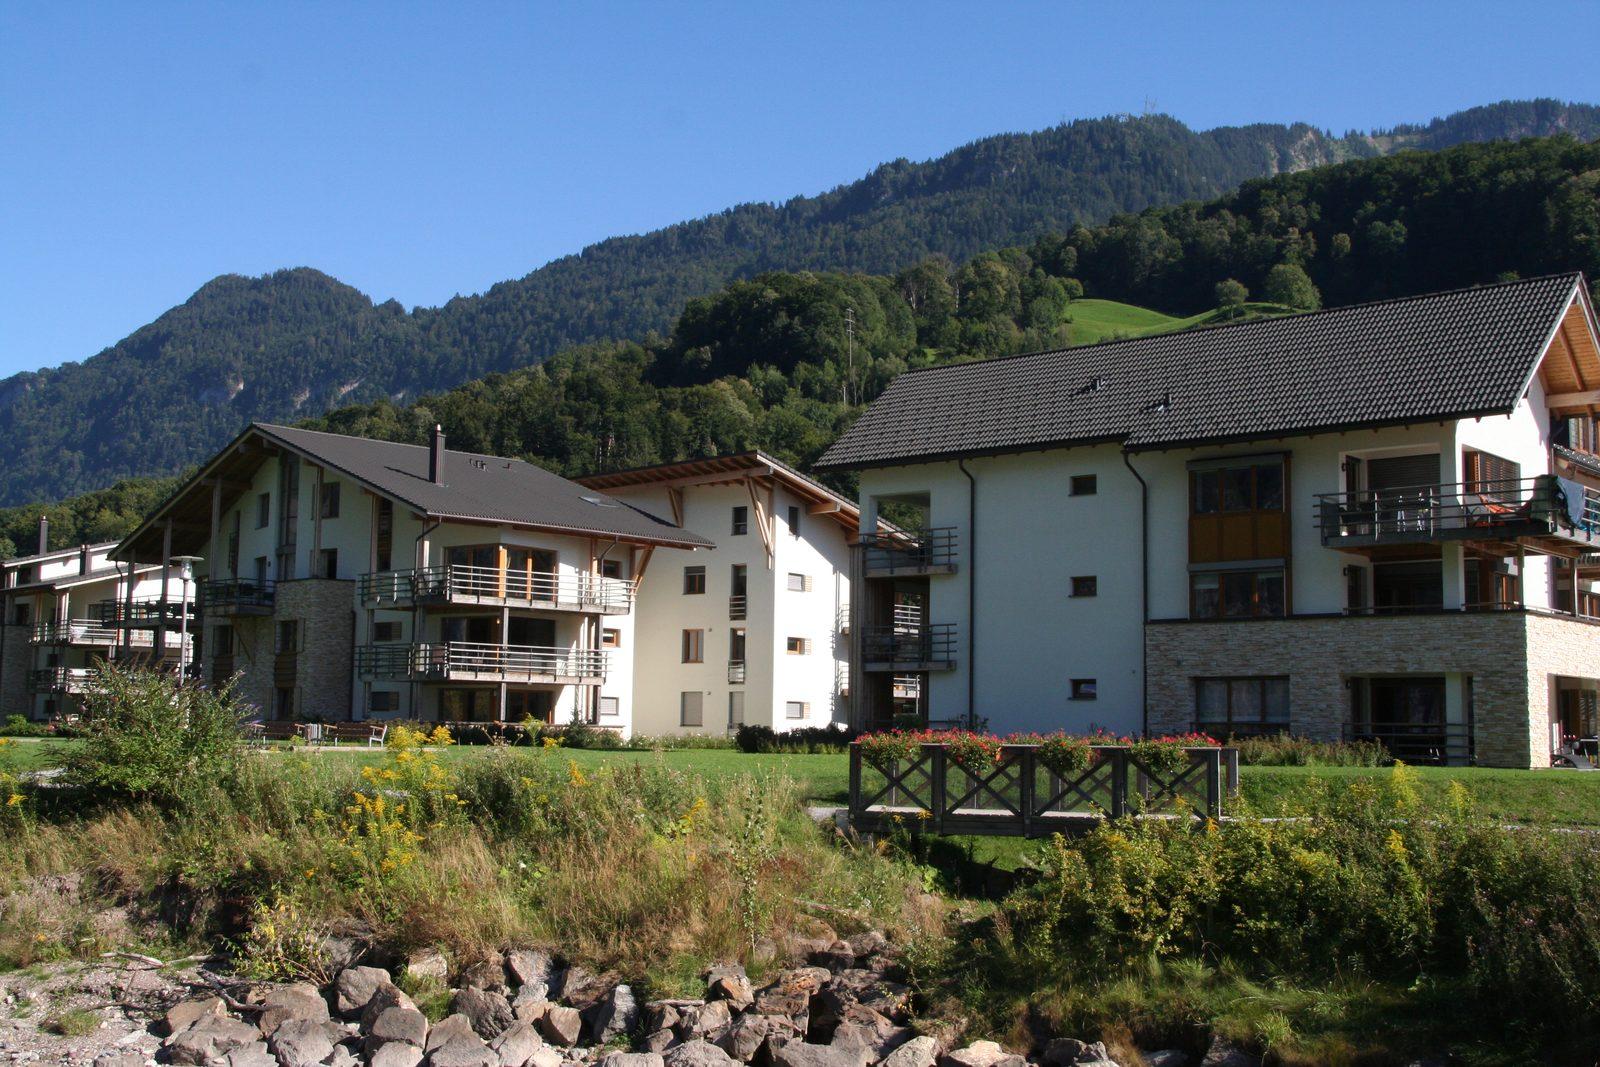 Ferienhäuser von Walensee Apartments direkt am See, in Resort Walensee Heidiland Flumsberg Schweiz in den Herbstferien